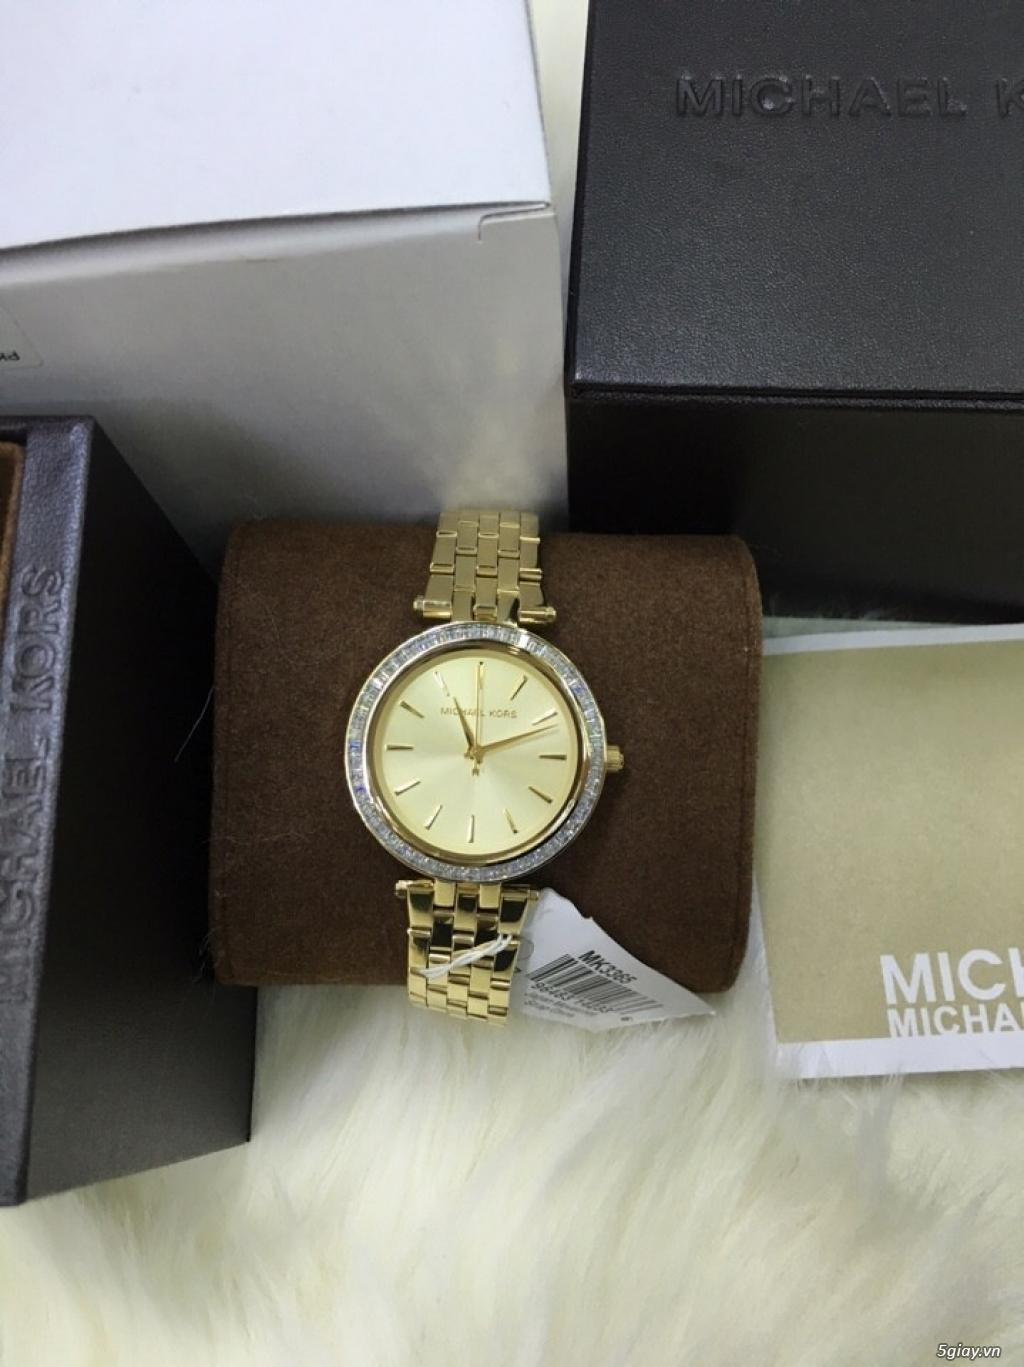 Đồng hồ chính hãng Michael Kors giá rẻ - 13